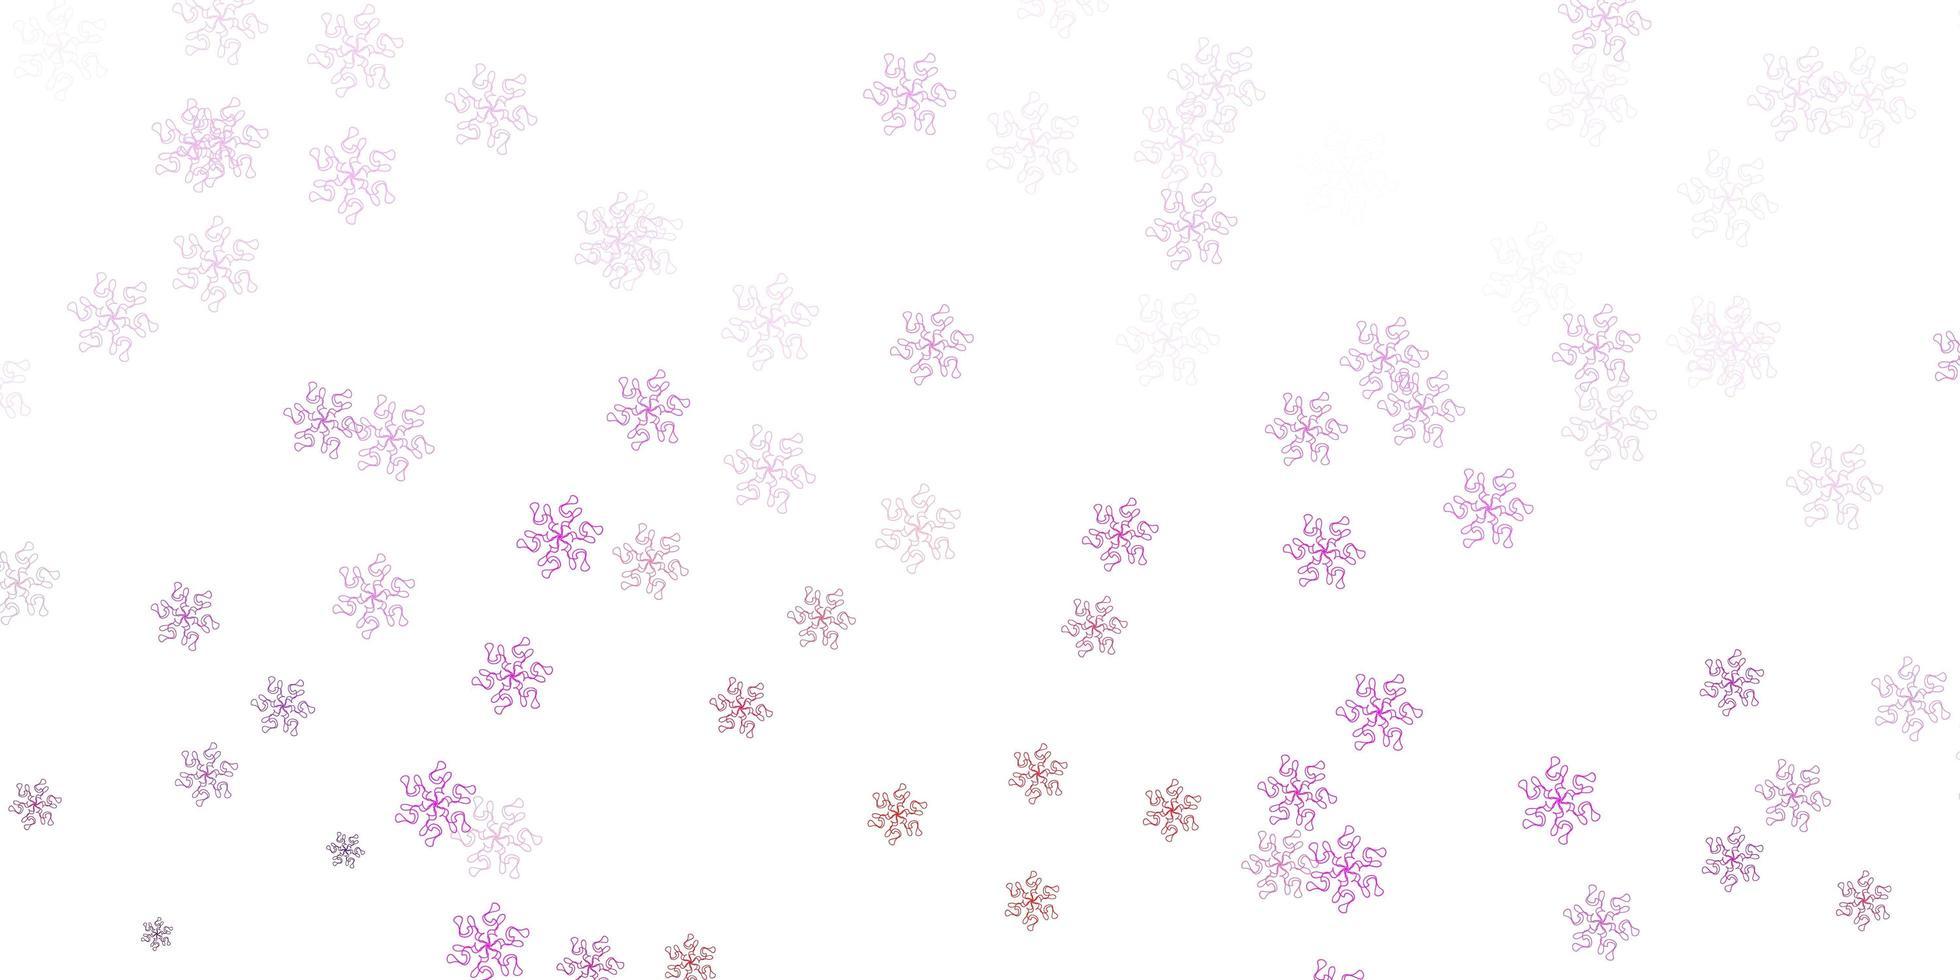 modello di doodle vettoriale viola chiaro, rosa con fiori.